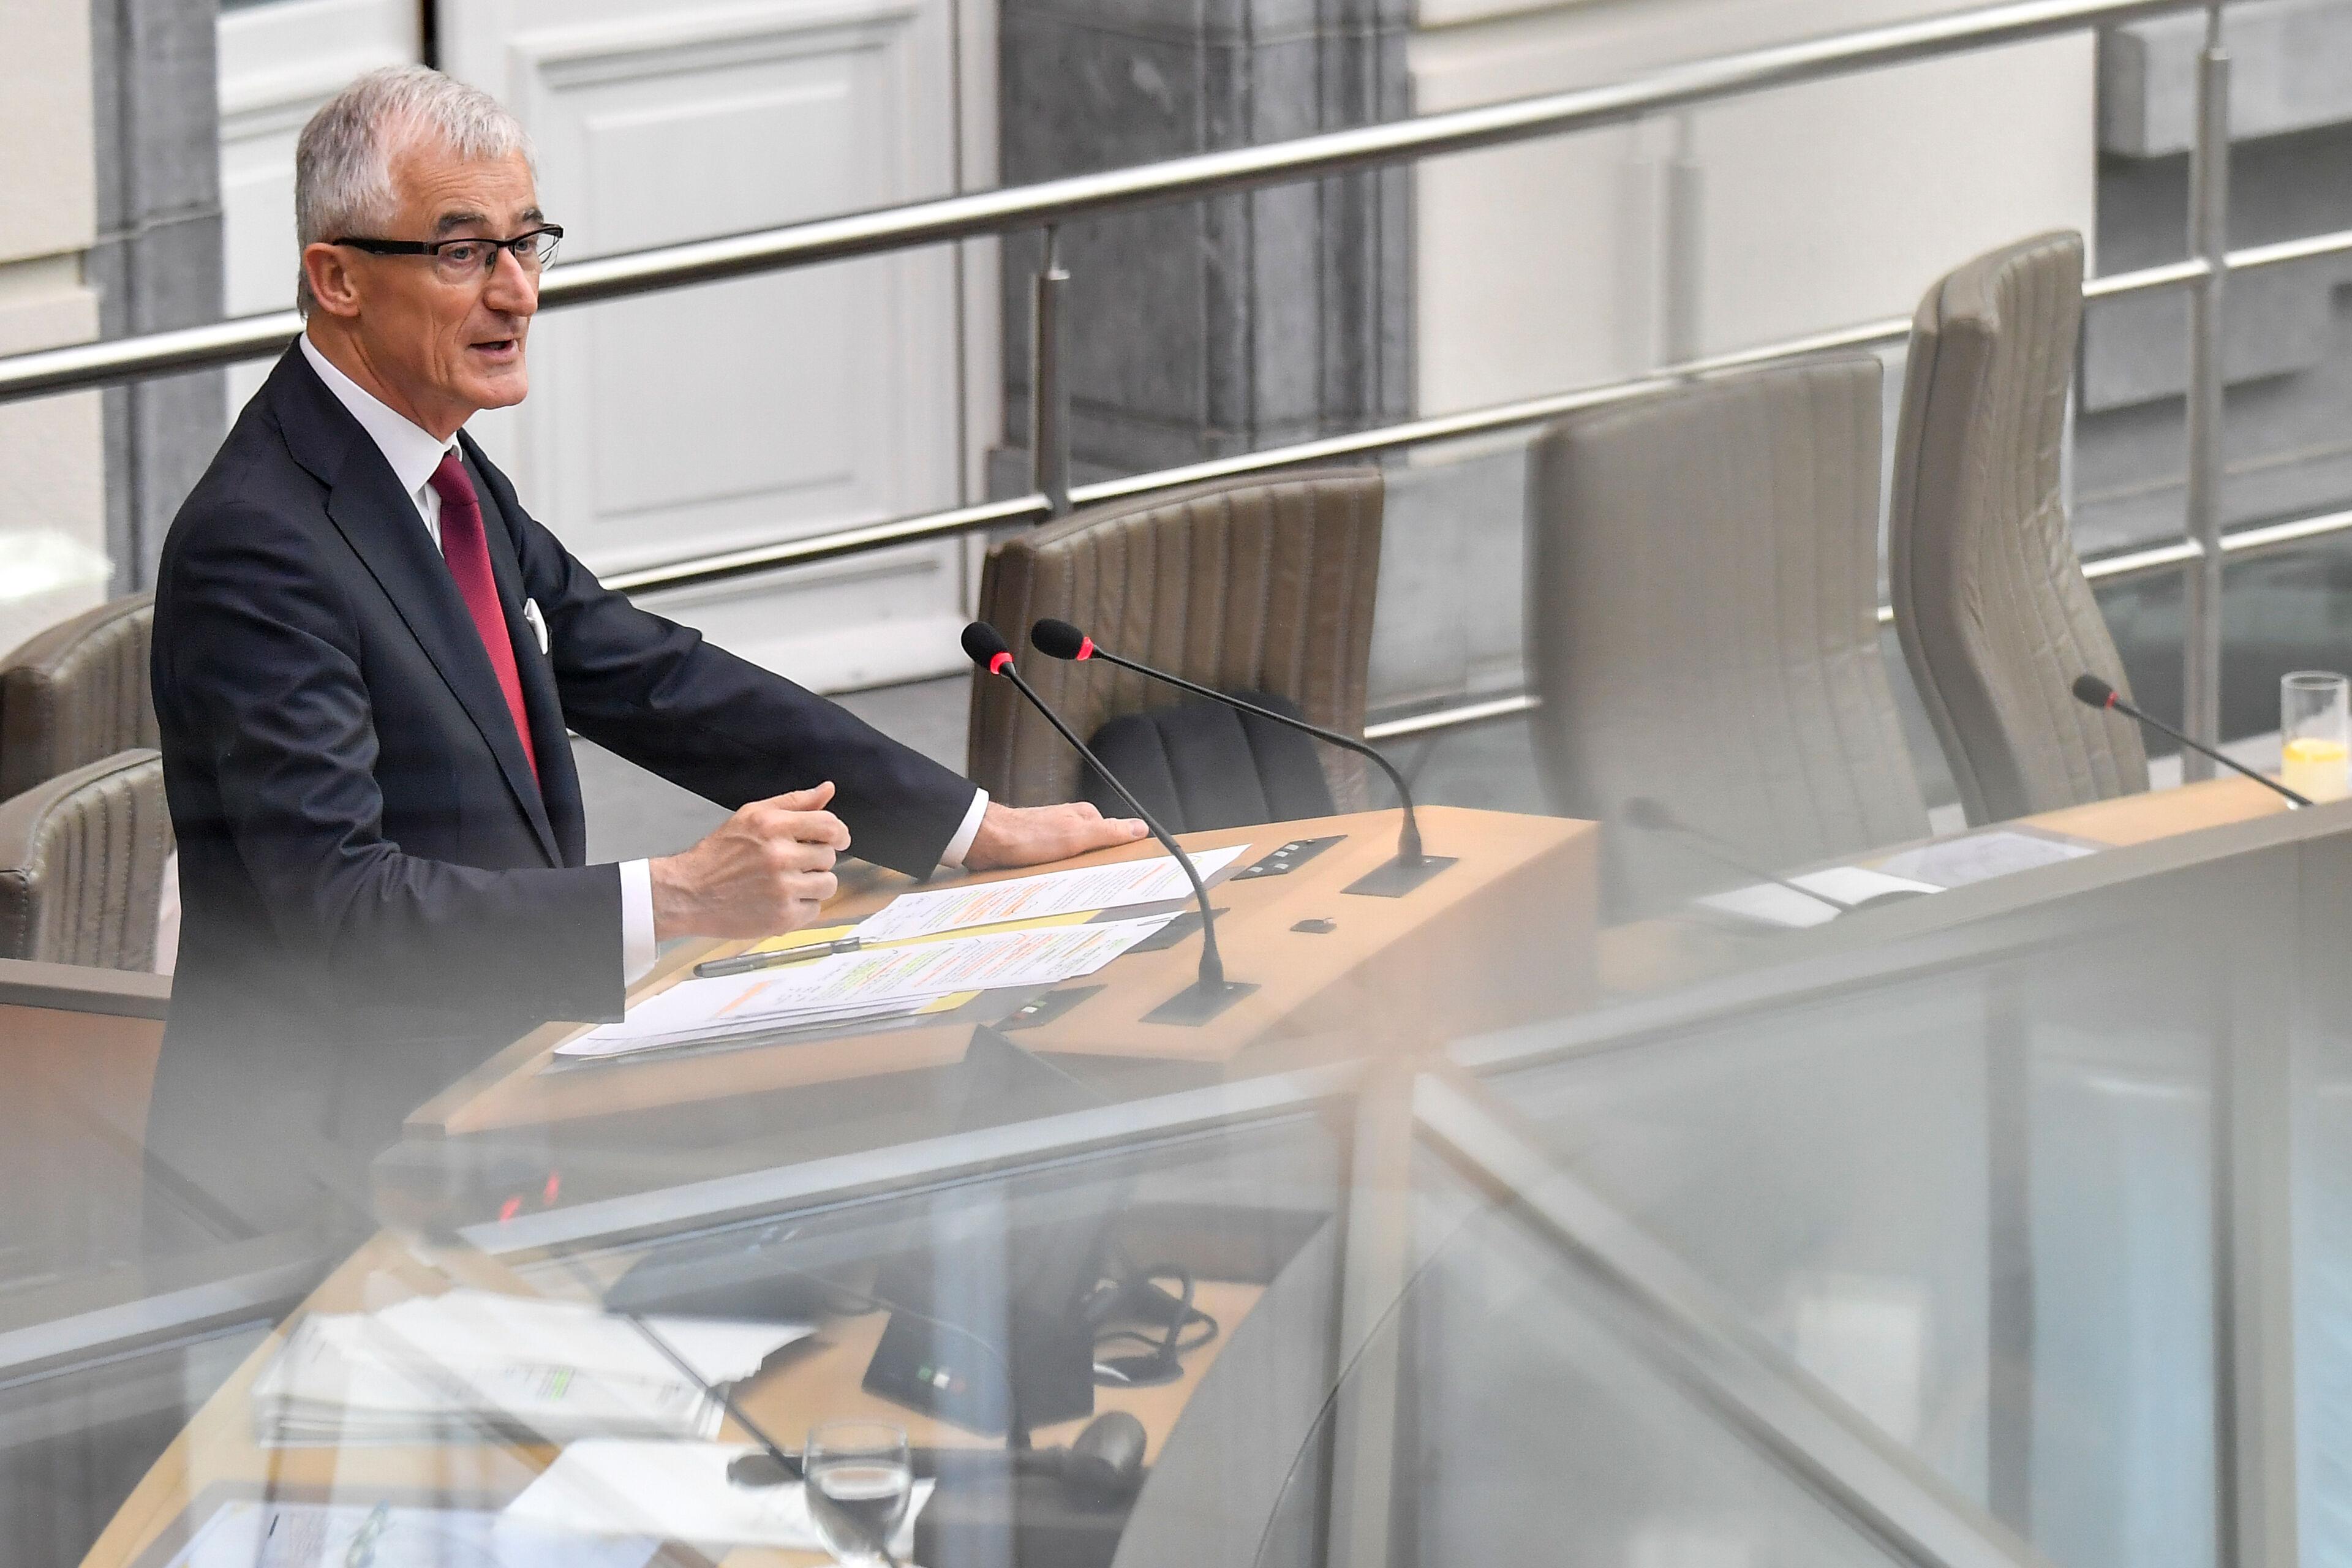 Bourgeois zal niet meer op lijst staan bij gemeenteraadsverkiezingen